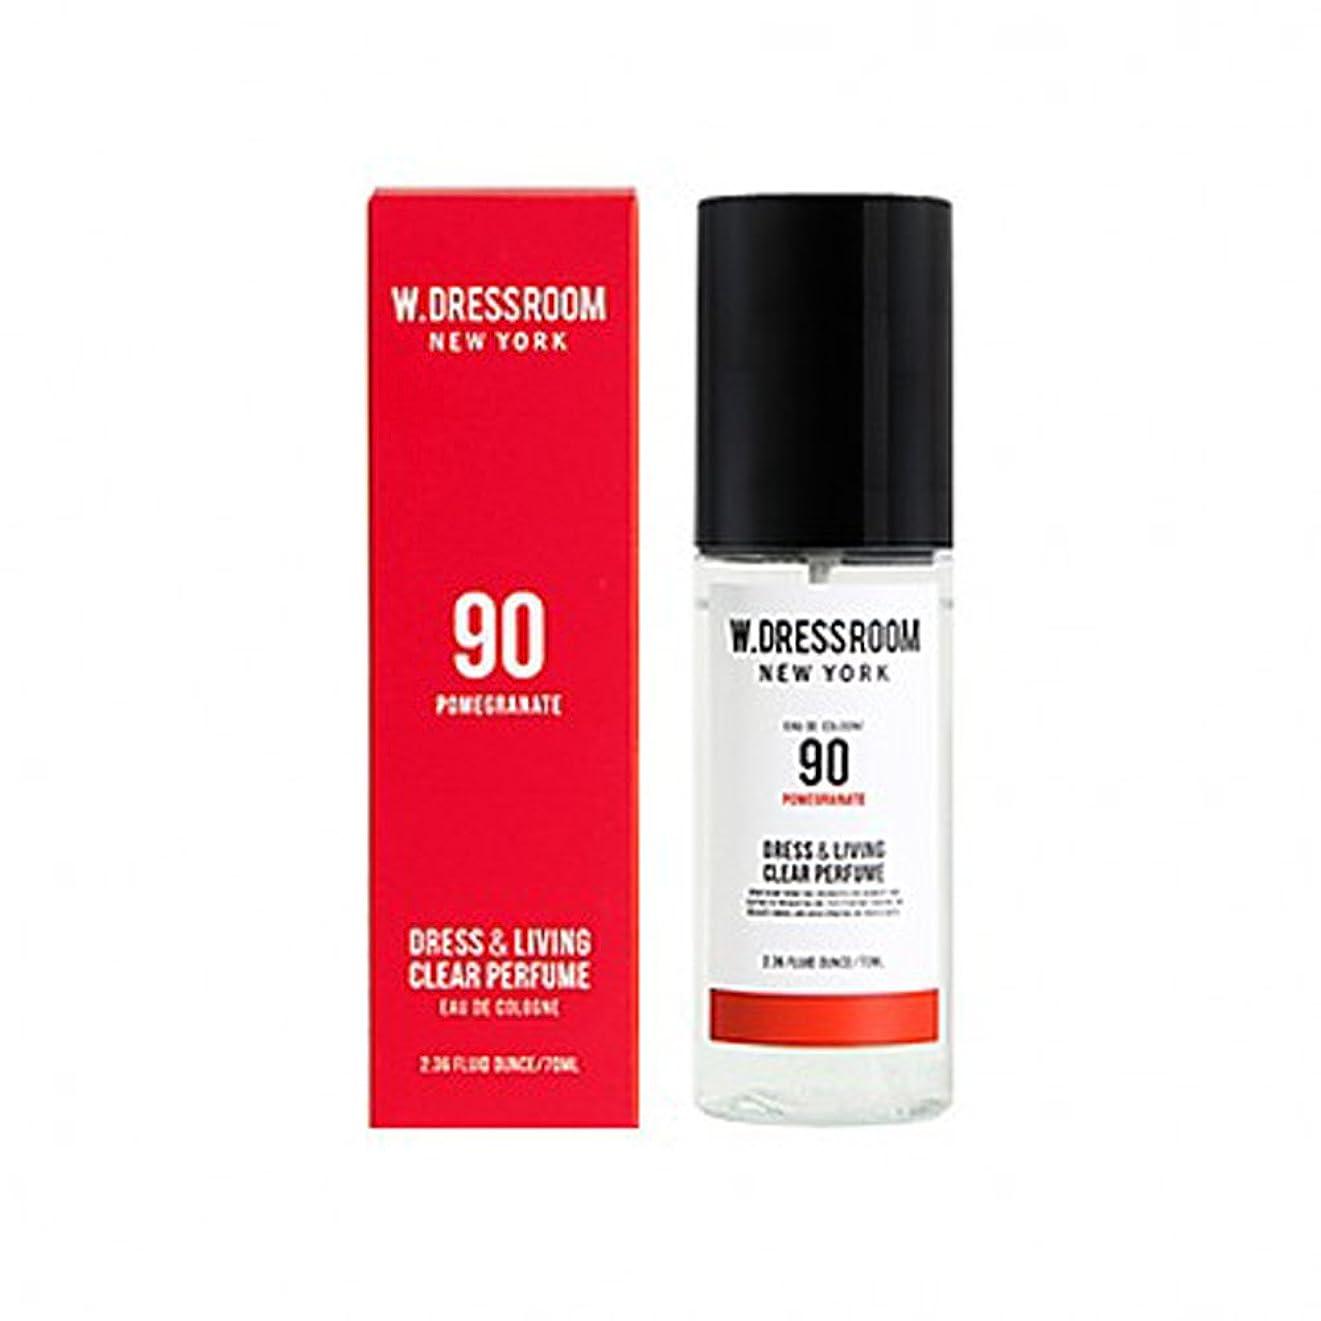 クッション工場カラスW.DRESSROOM Dress & Living Clear Perfume fragrance 70ml (#No.90 Pomegranate)/ダブルドレスルーム ドレス&リビング クリア パフューム 70ml (#No.90 Pomegranate)